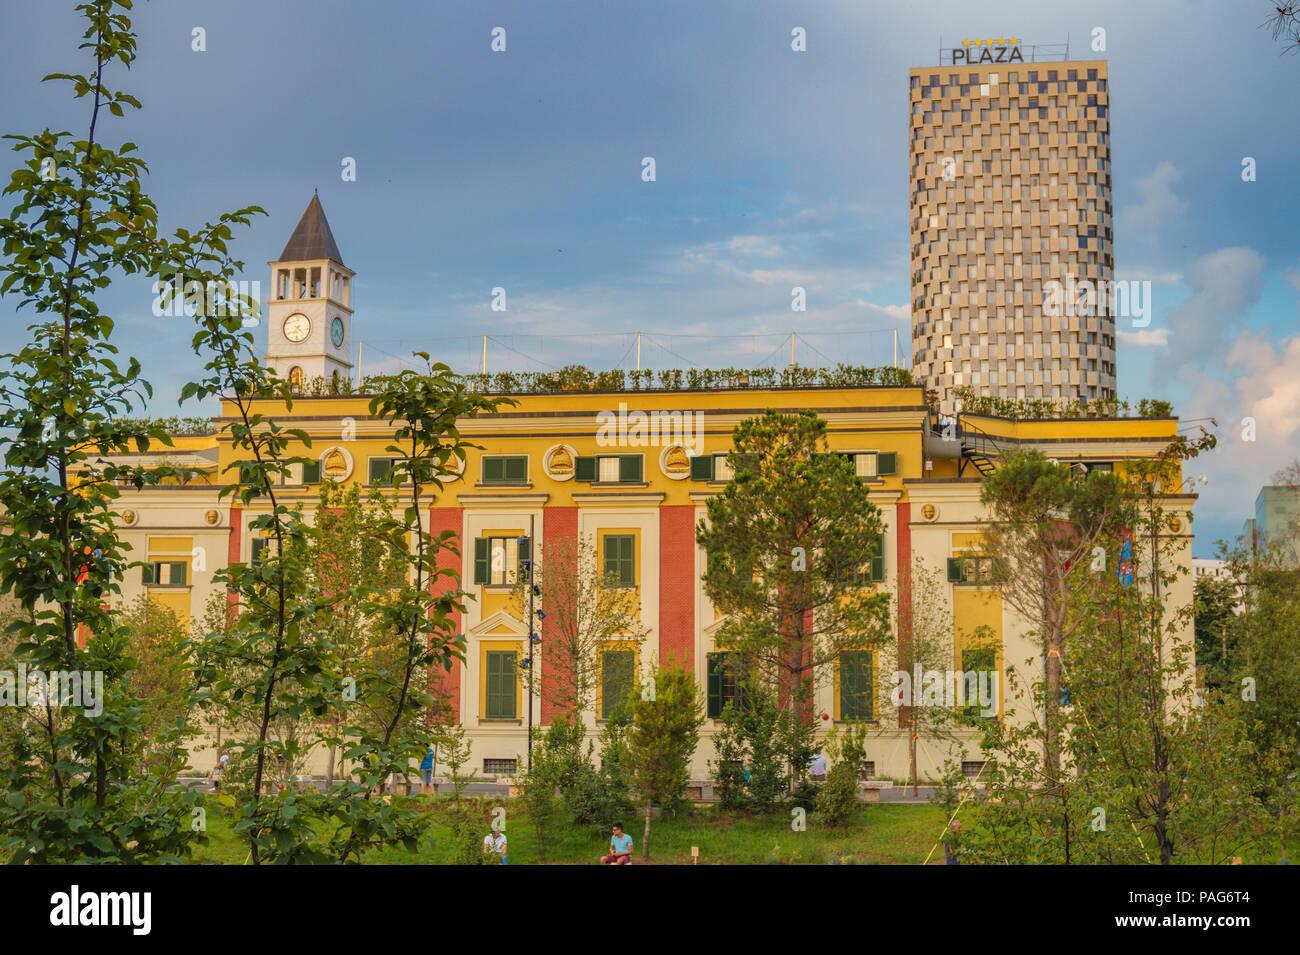 The City Hall of Tirana, Albania located in the Skanderbeg Square. Tirana is the capital of Albania - Stock Image